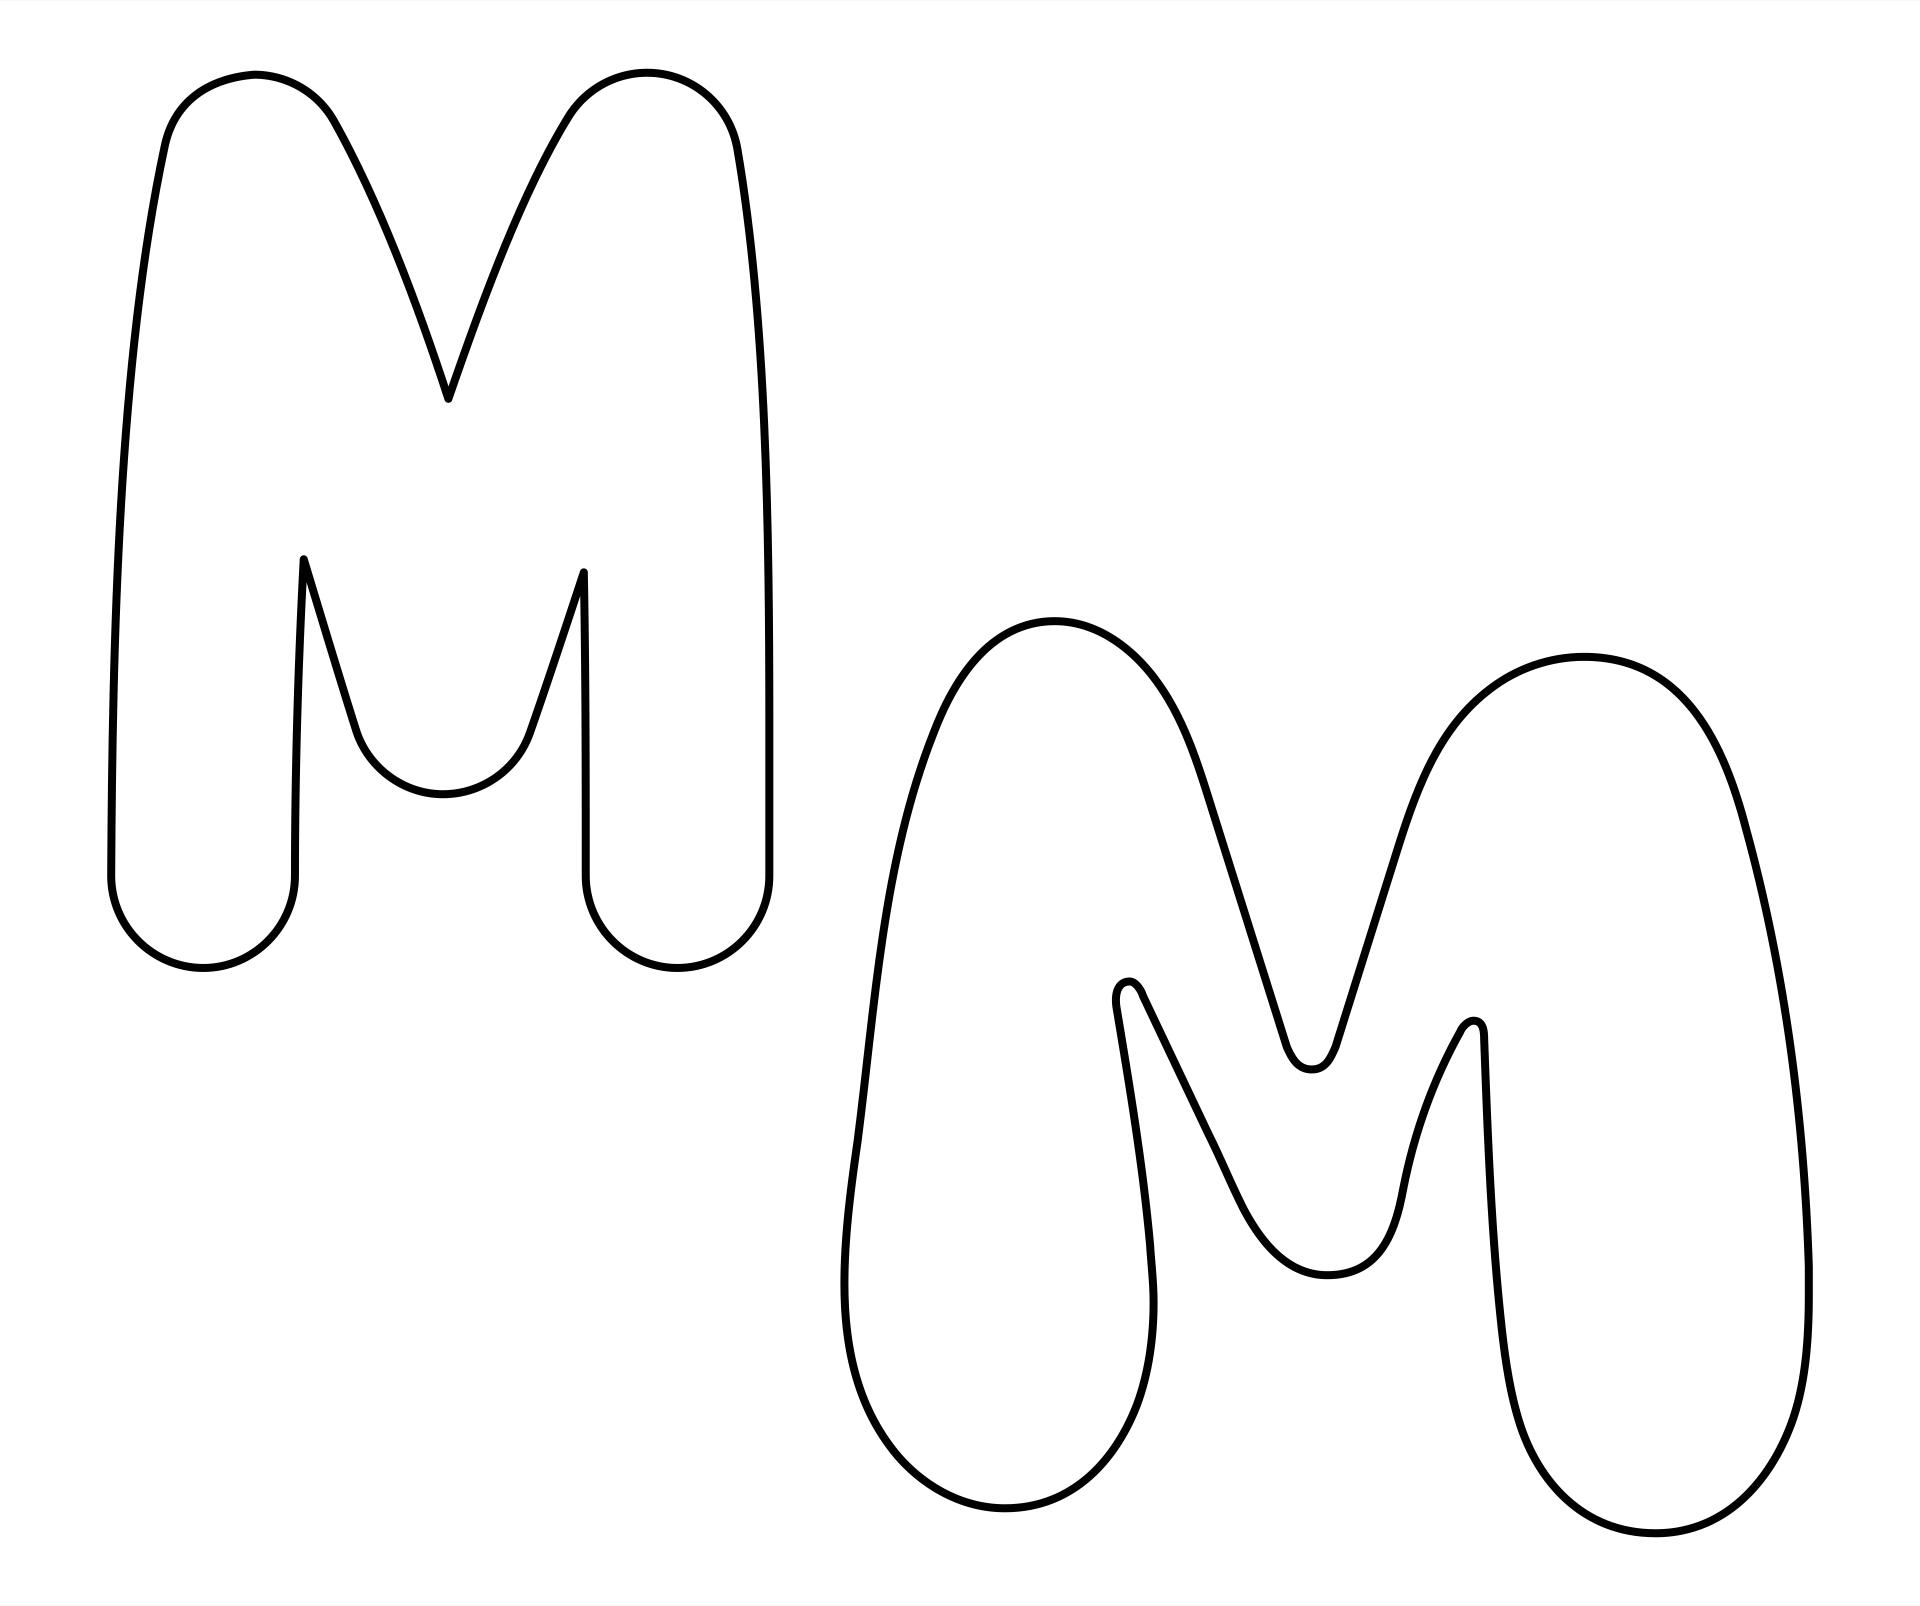 Printable Letter M Outline - Print Bubble Letter M